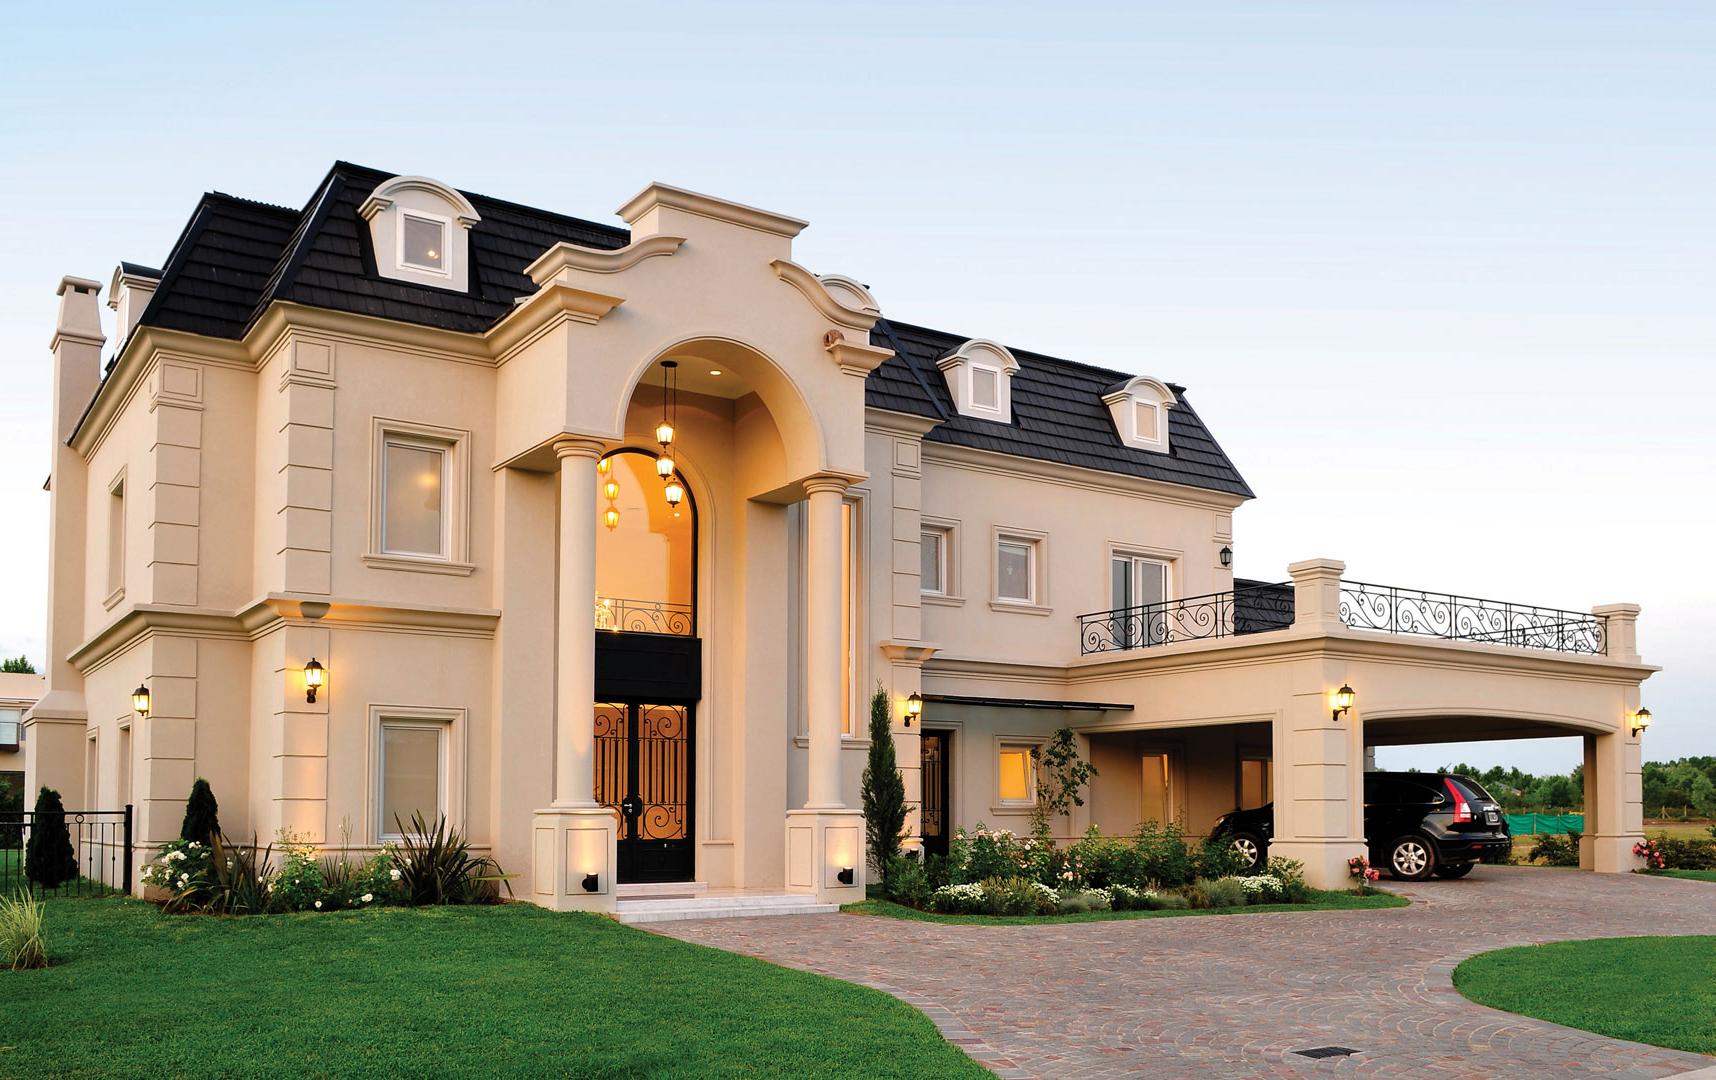 Grande maison moderne avec arche